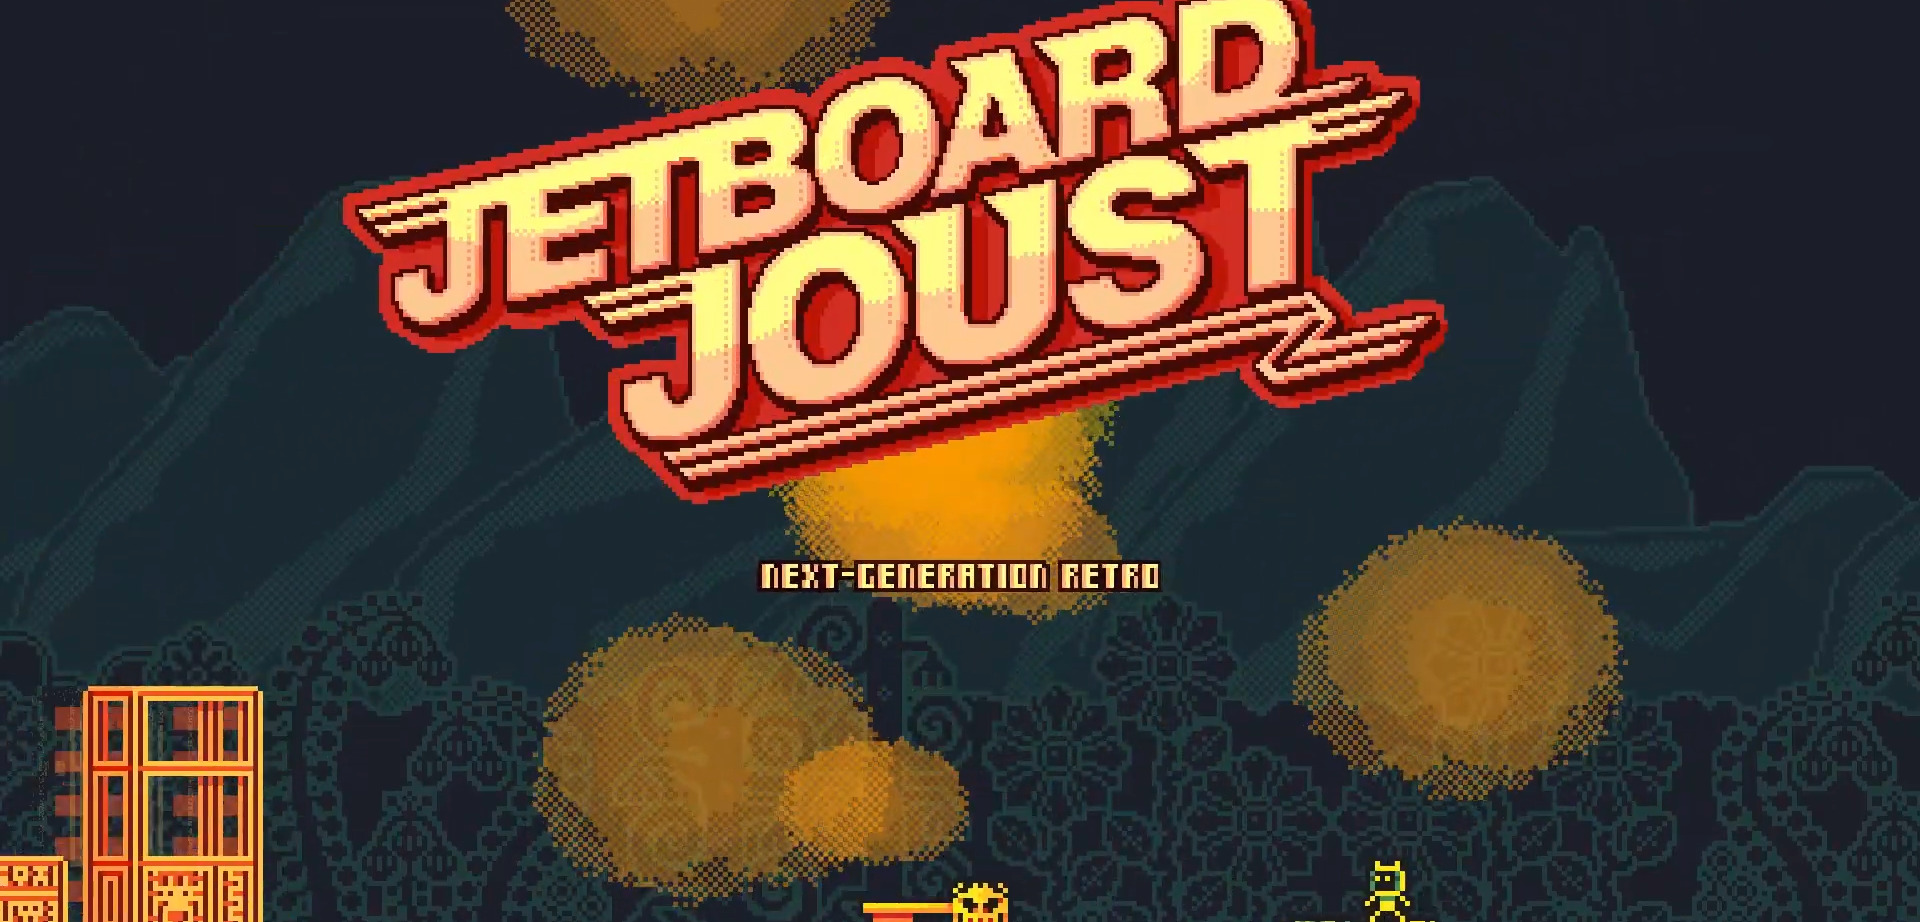 JetBoard Joust